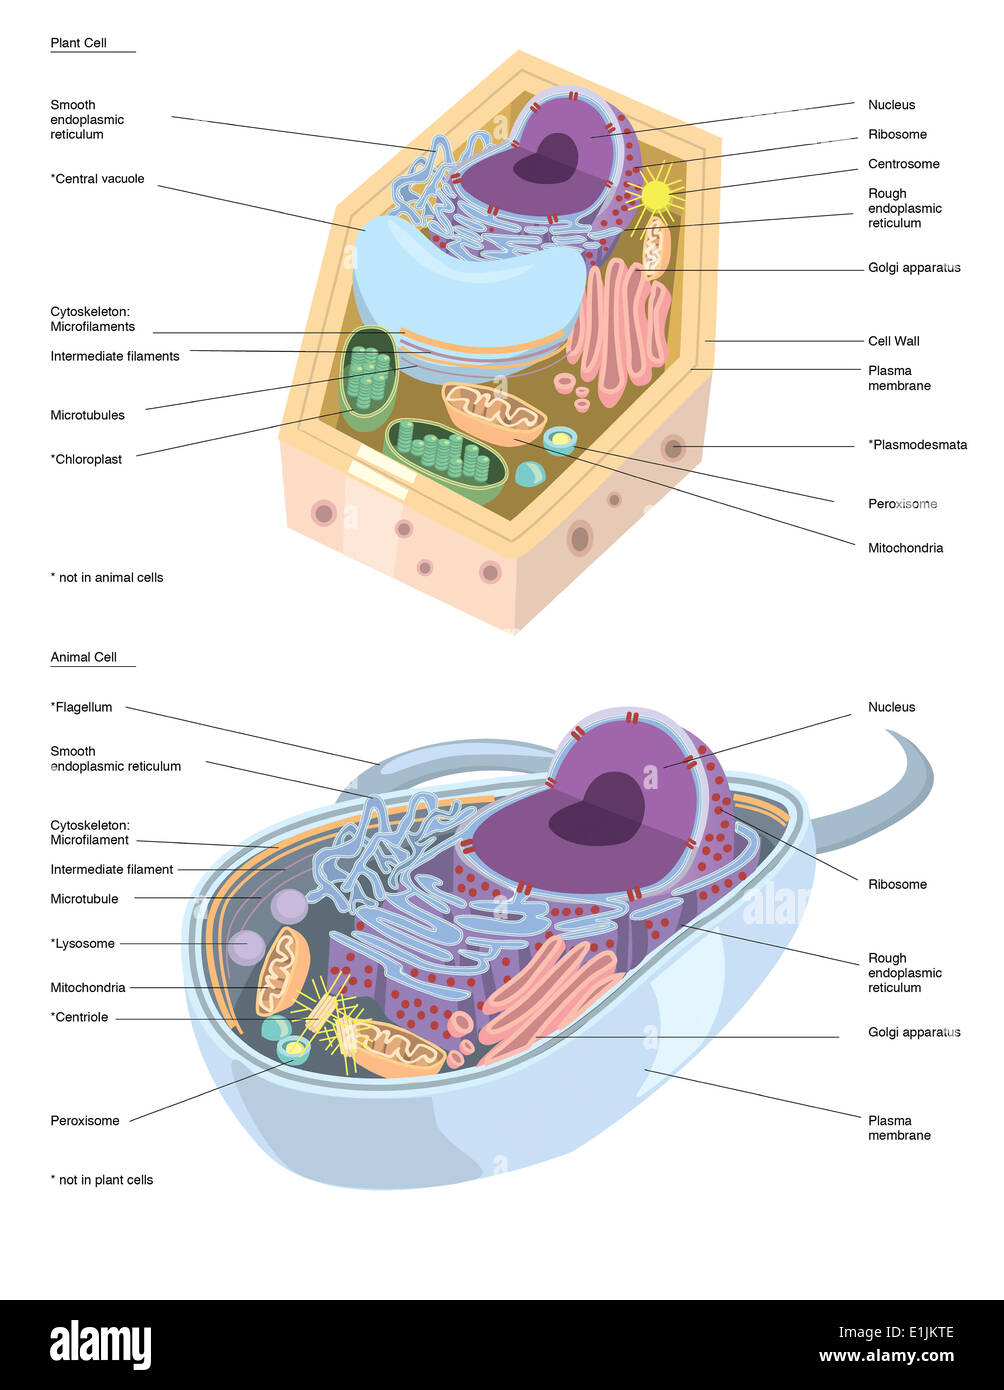 Ilustración comparativa de la anatomía de la célula vegetal y animal ...